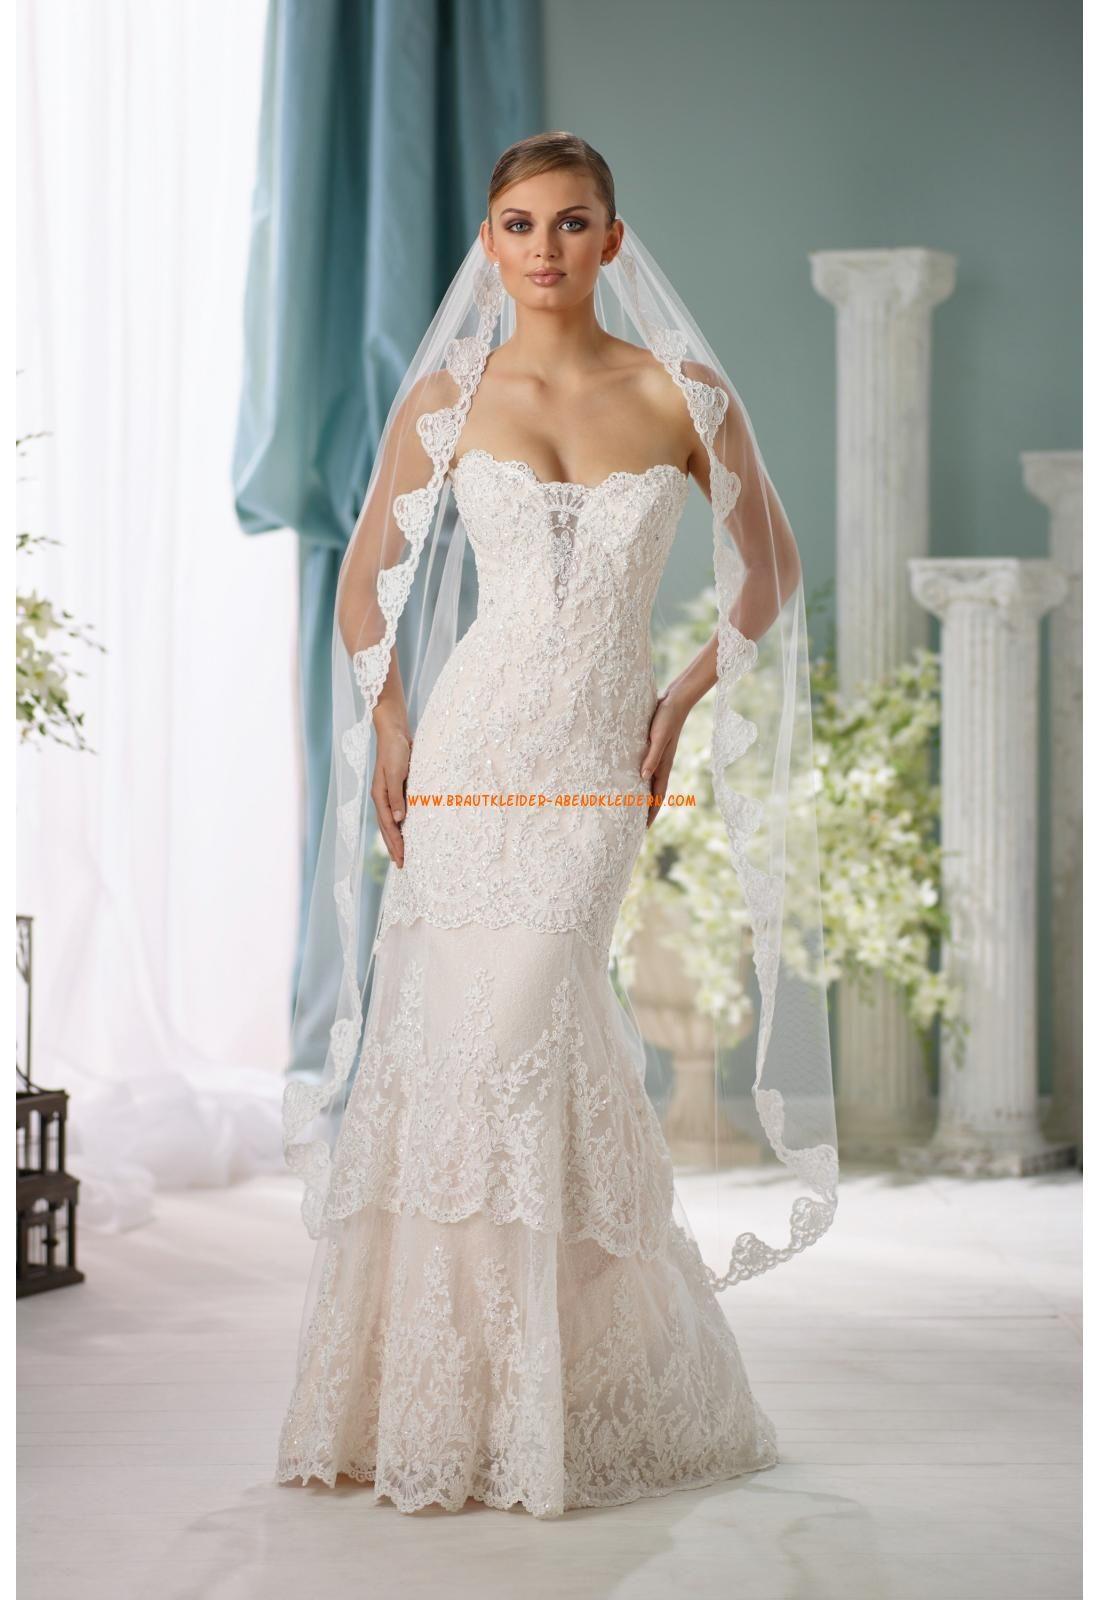 Meerjungfrau Schöne Trägerlose Brautkleider aus Spitze mit Schleppe